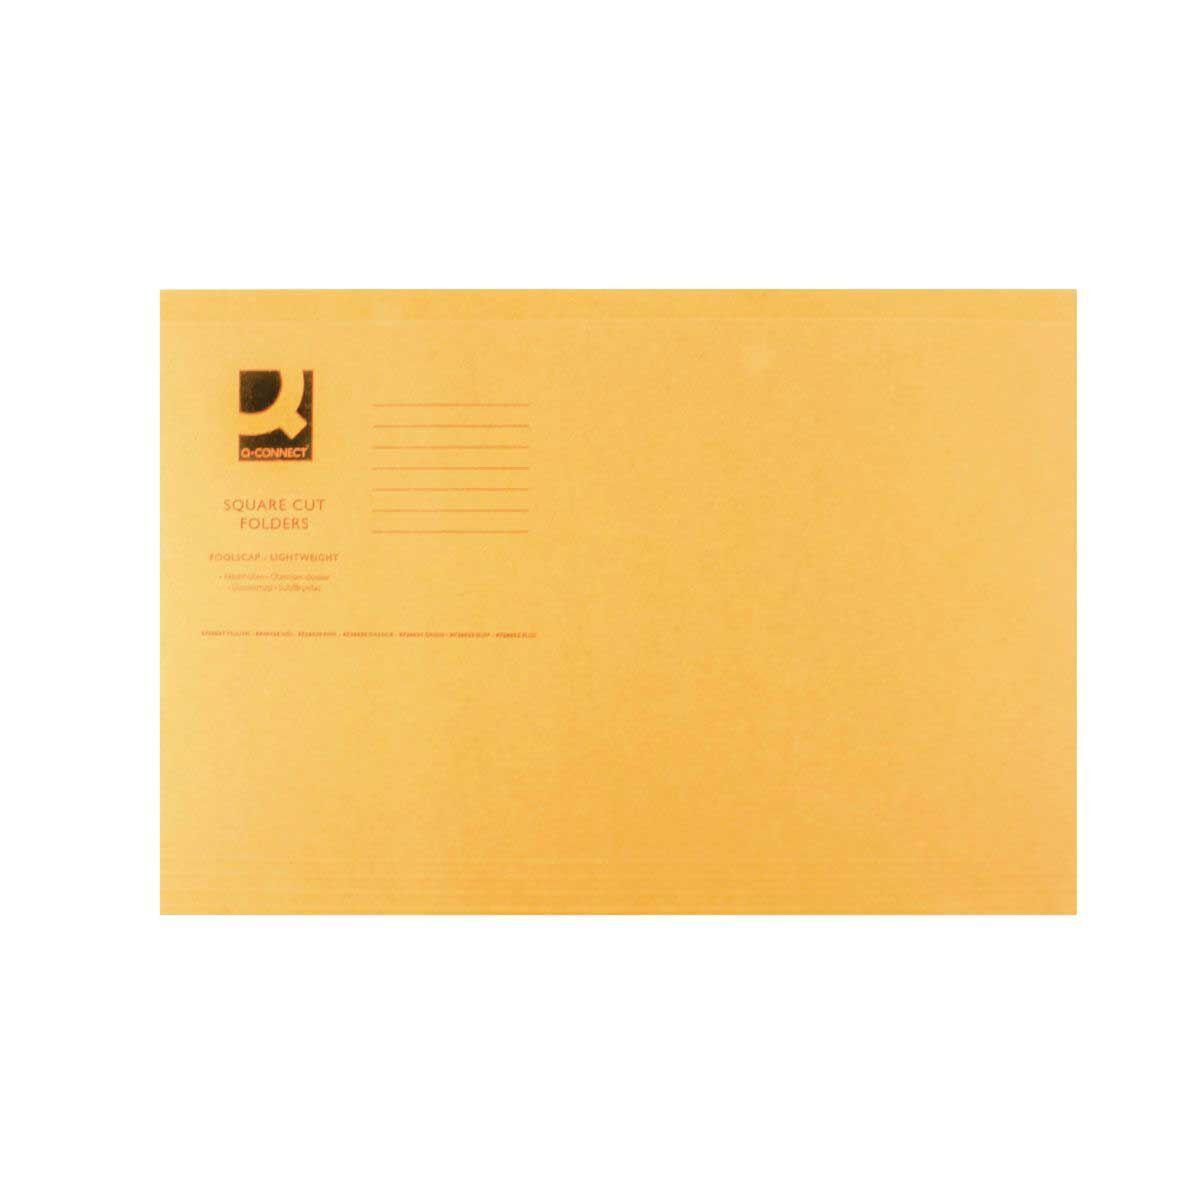 Square Cut Folder 180gsm Foolscap Orange